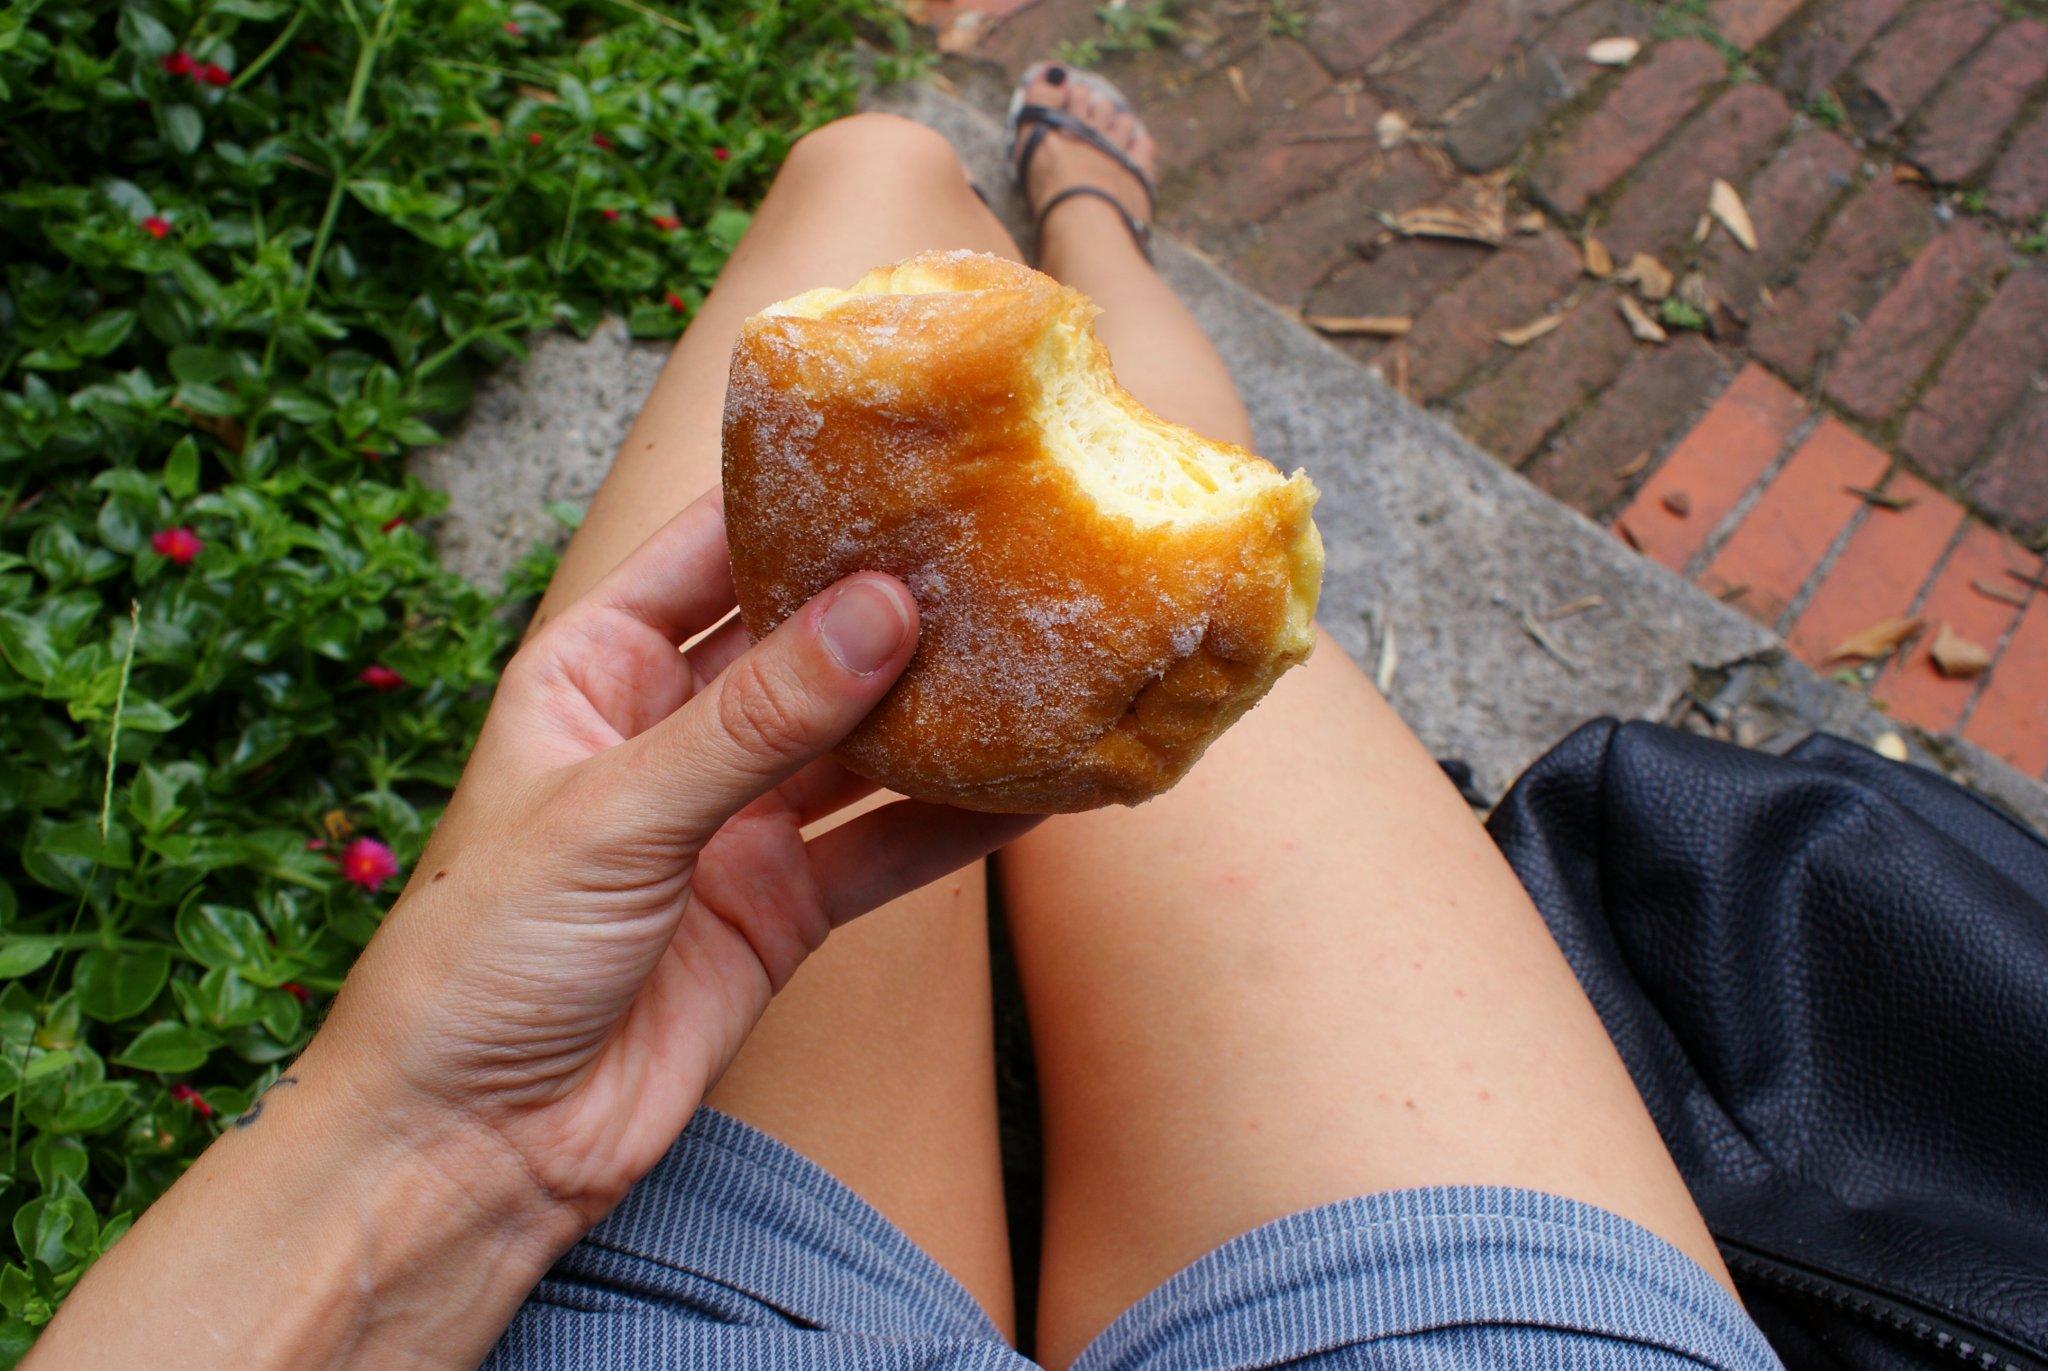 moneglia vernengo pastry krapfen bombolone